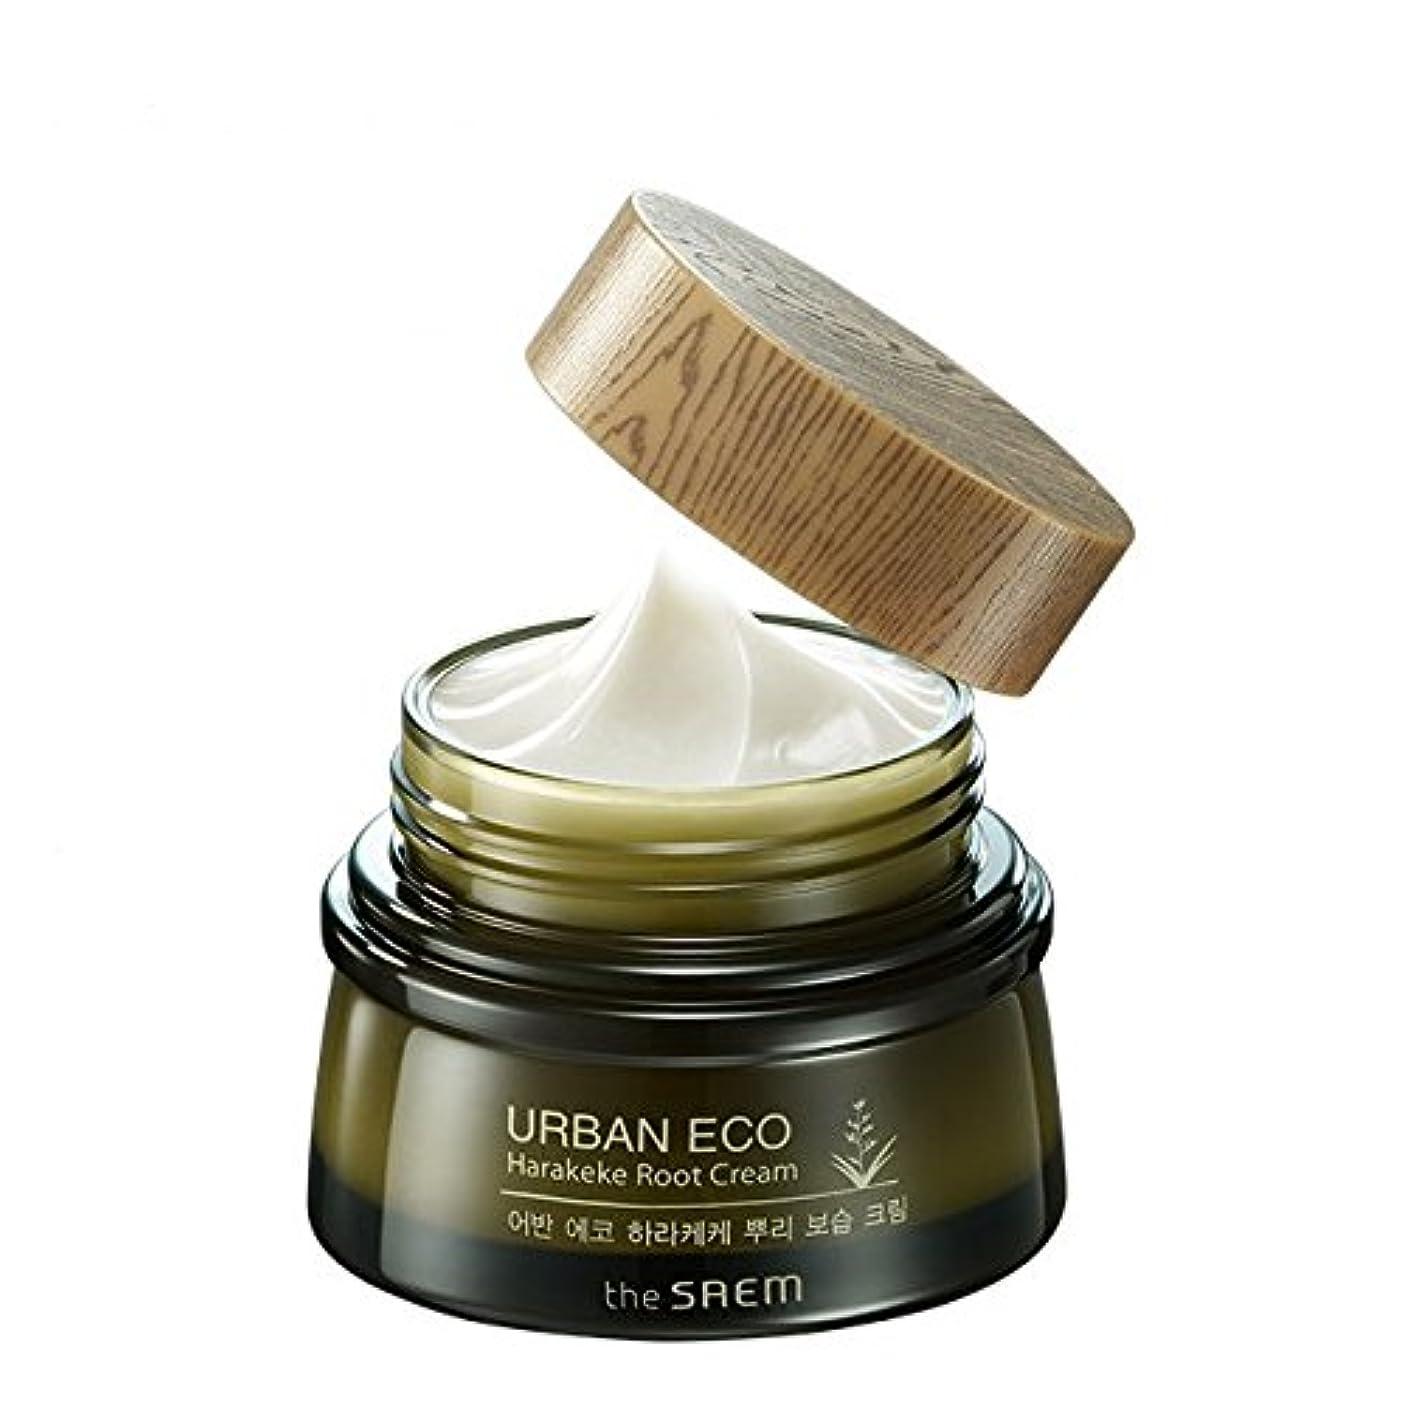 ケーブルカー浴室硬化する[ザセム] The Saem [アーバンエコ ハラケケ 根保湿クリーム60ml (The Saem Urban Eco Harakeke Root Cream60ml)